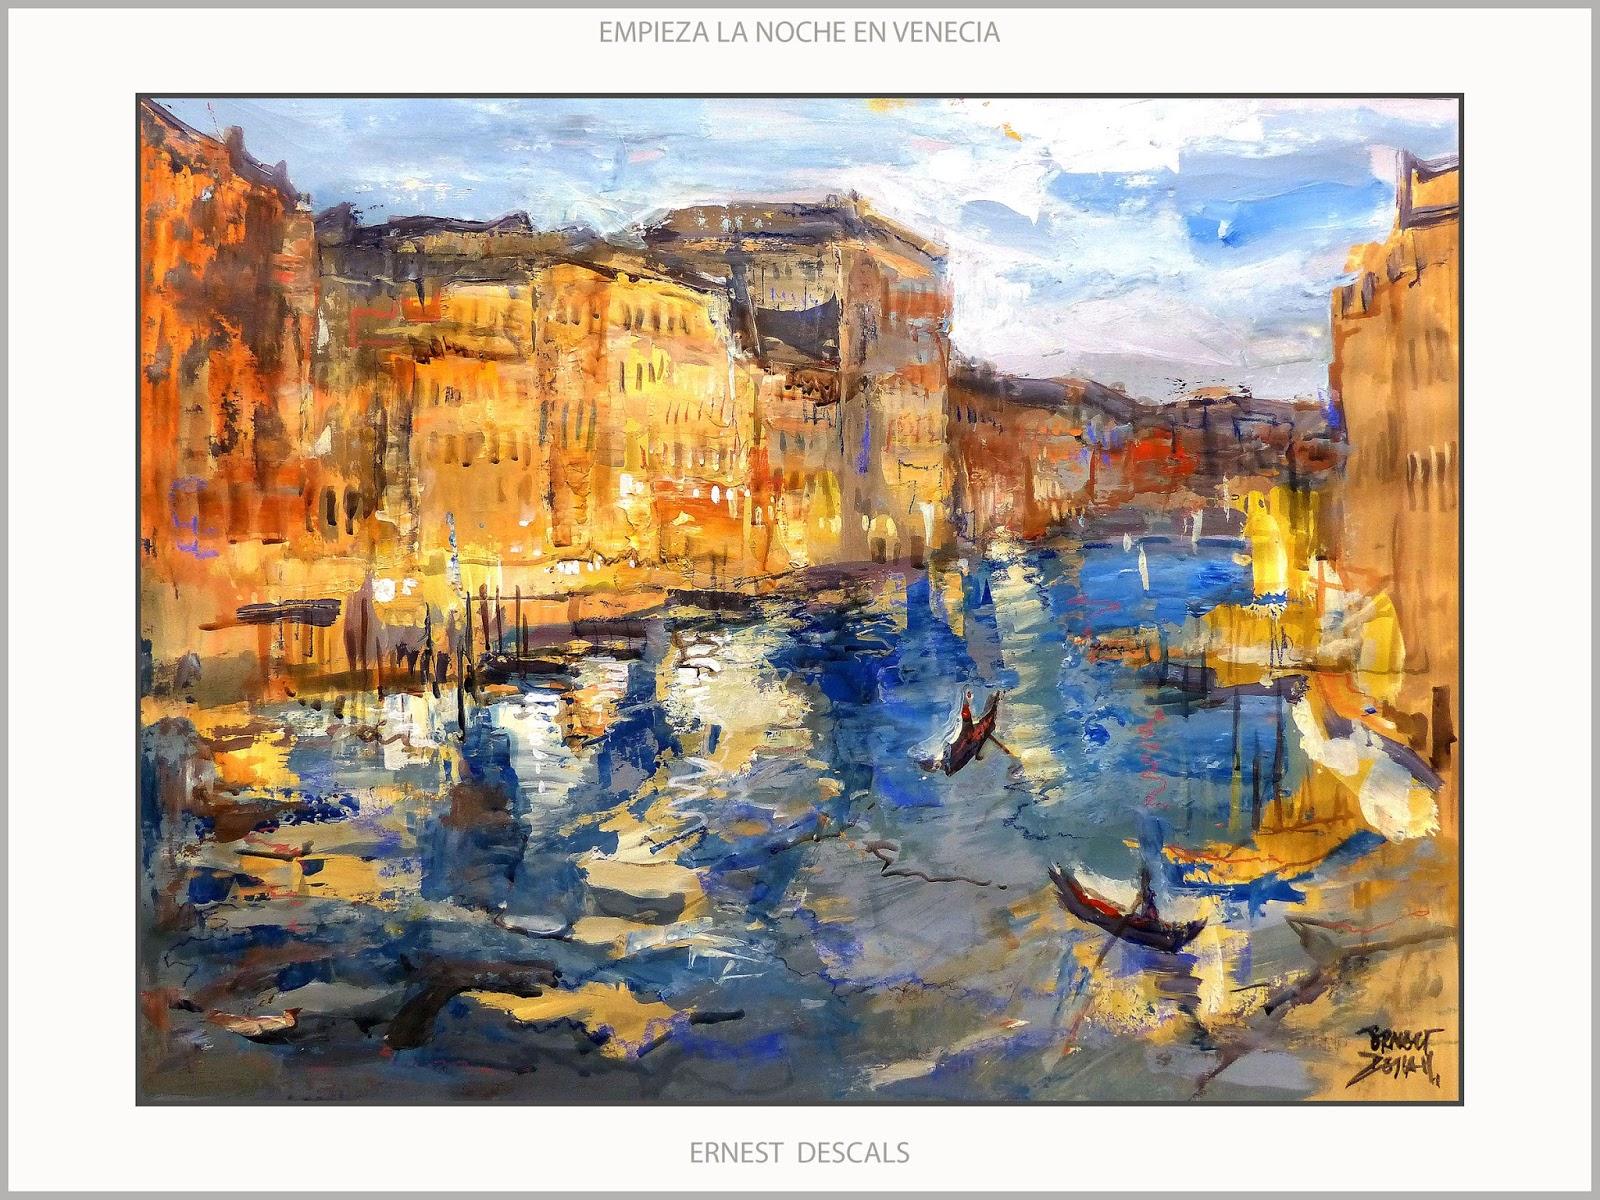 Ernest Descals.Artista Pintor: 07/01/2016 - 08/01/2016